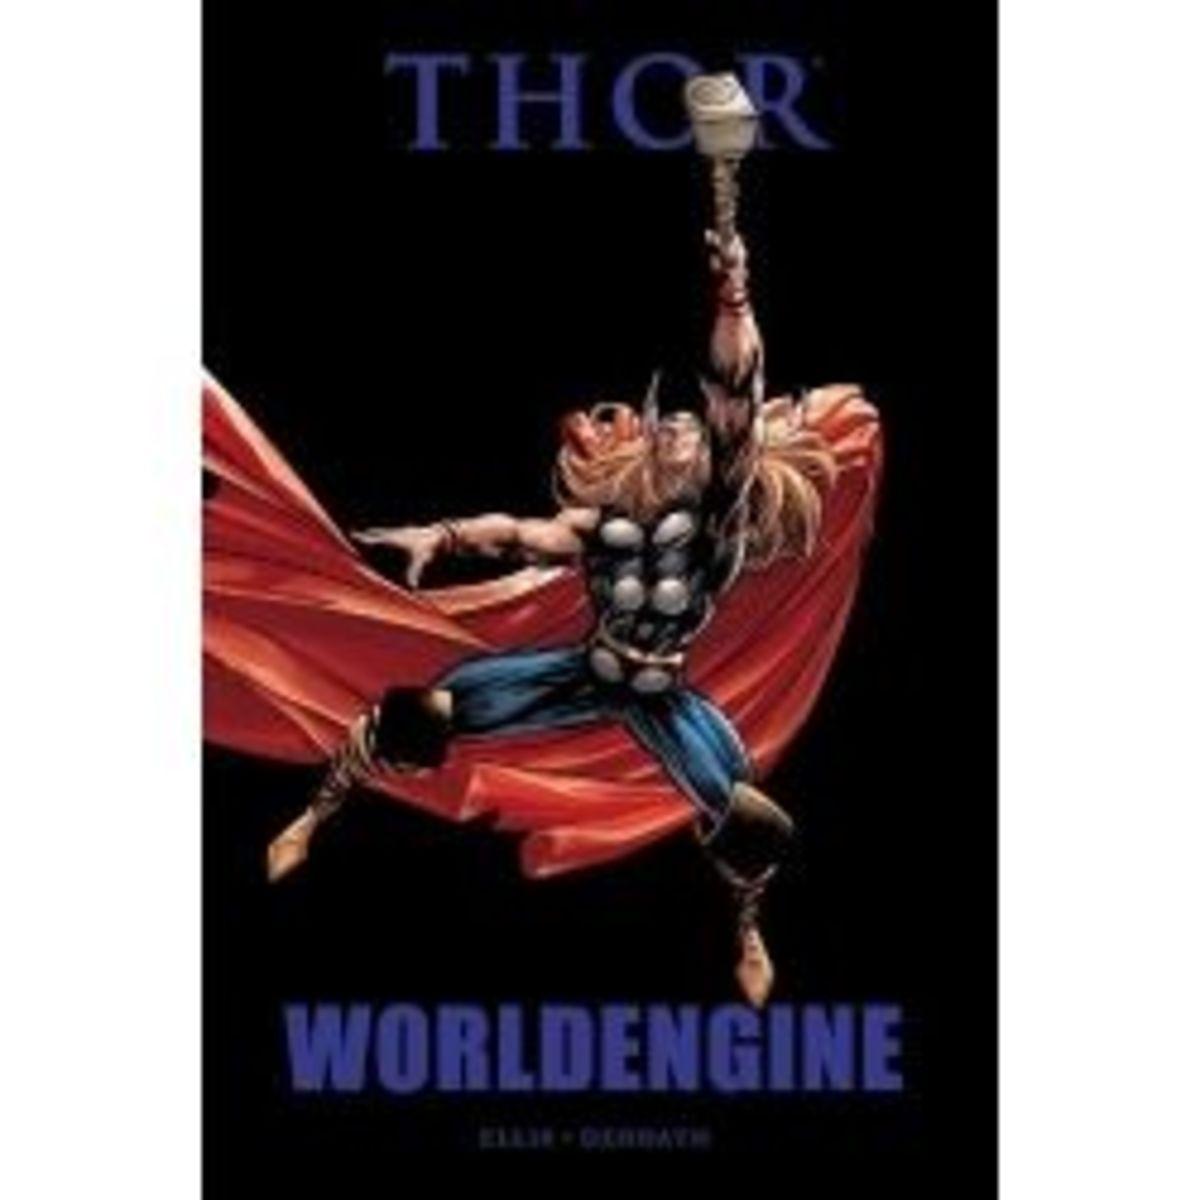 Thor:Worldengine